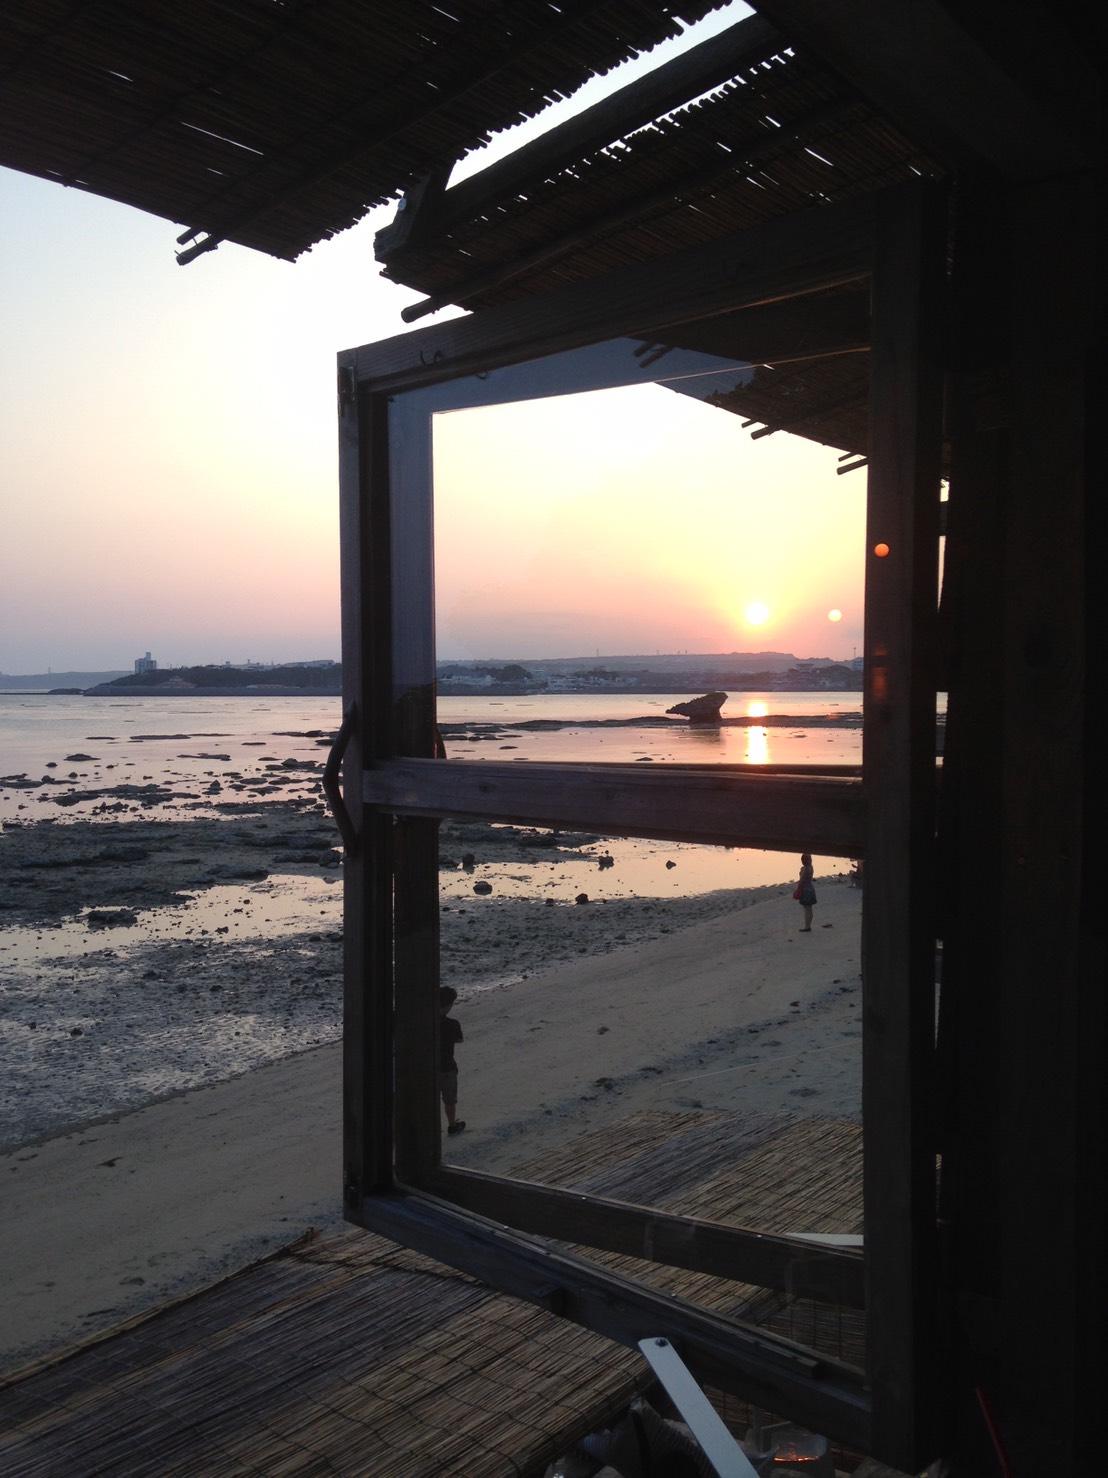 2016 沖繩親子旅遊 ♥私房美食『浜邊茶屋-浜辺の茶屋』♥邊喝咖啡邊玩沙+讓人感動的無敵日落美景(≧∇≦)/